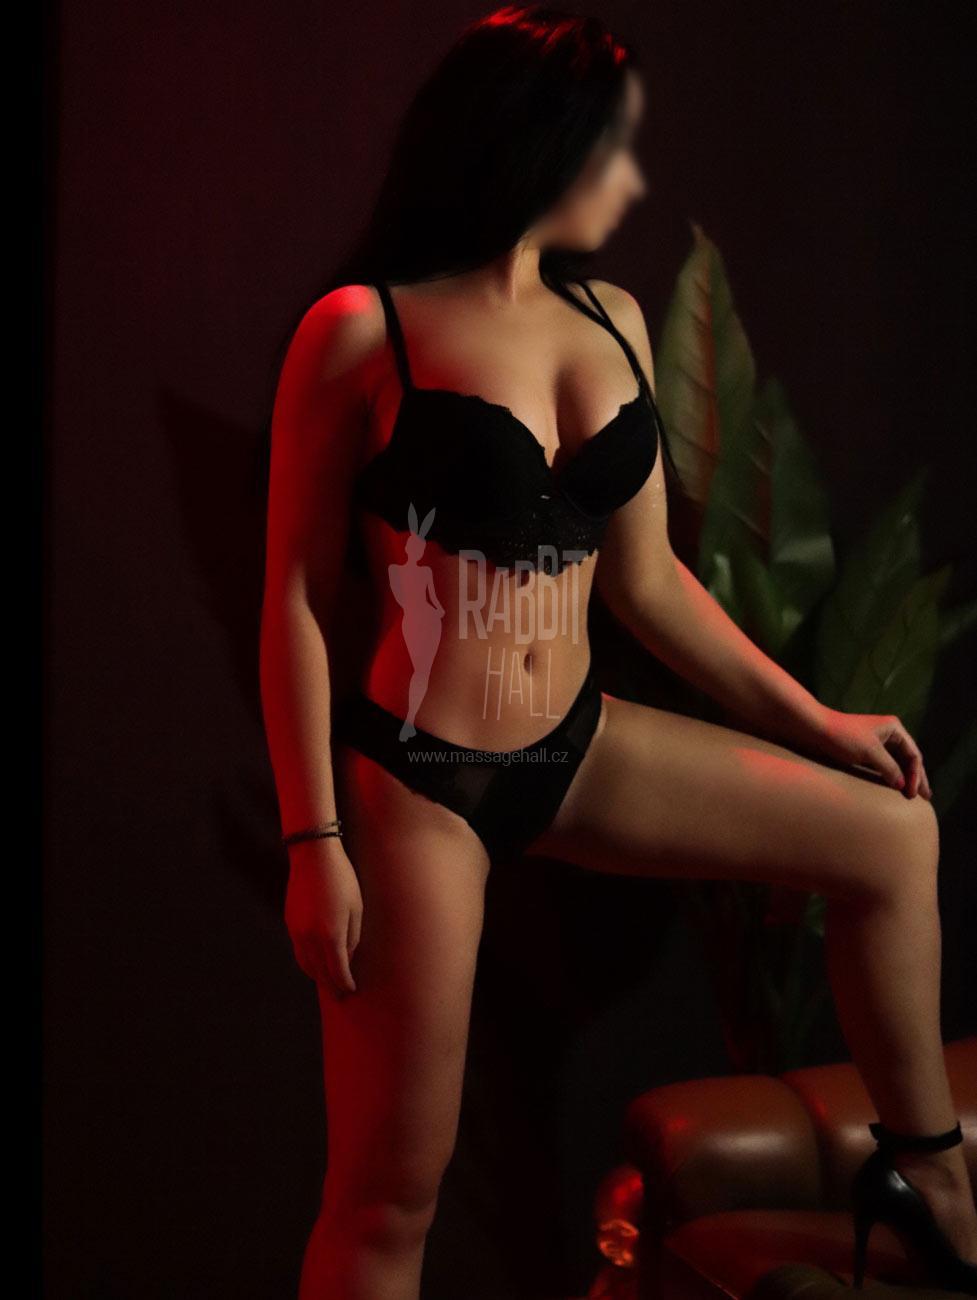 Anna erotic masseuse in Prague